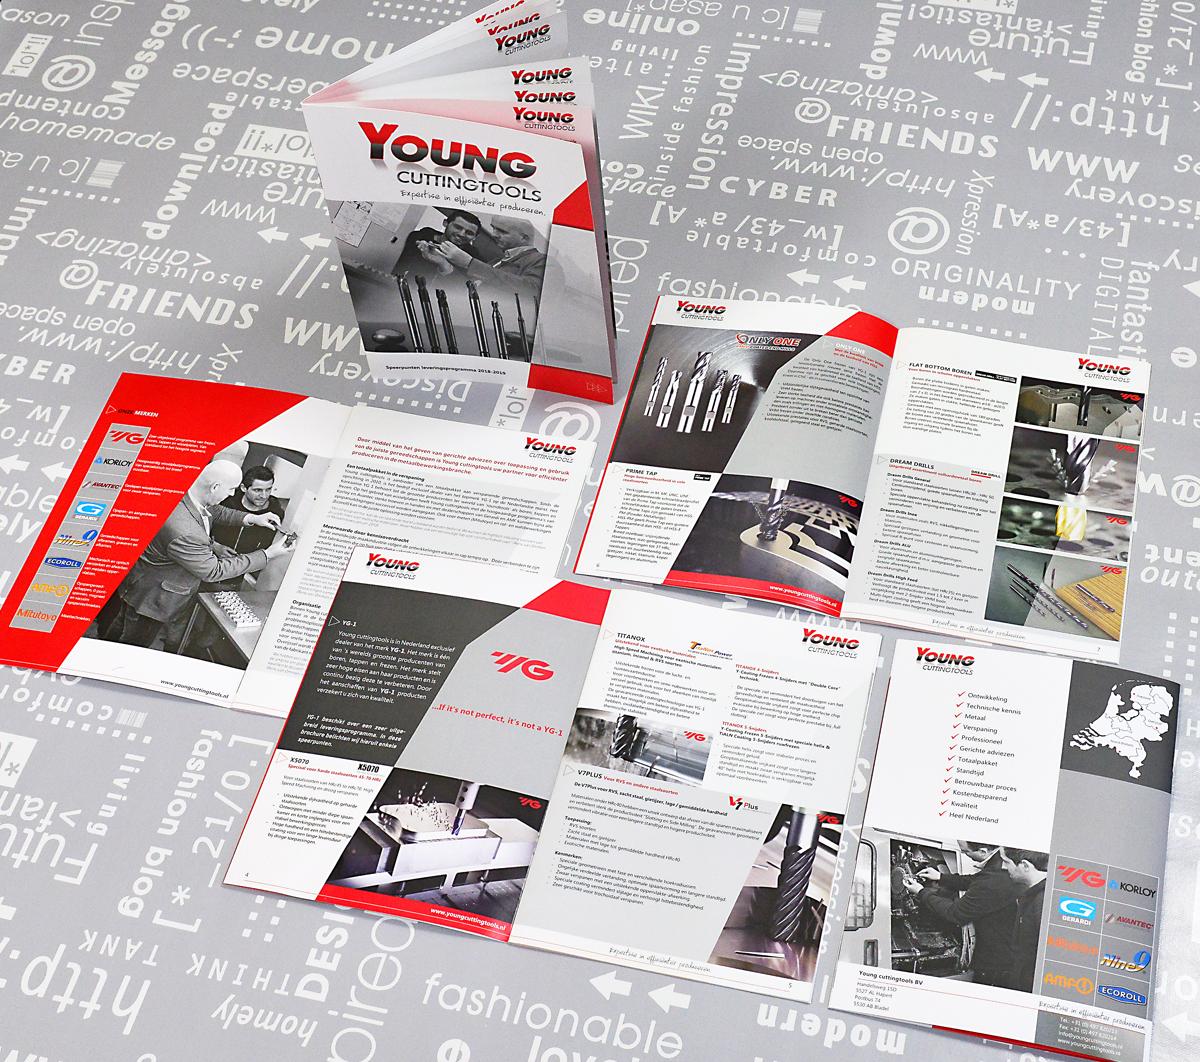 Young-Cuttingtools-Eersel-identiteit-brochure-branding-logo-huisstijl-grafisch-ontwerp-folder-banner-bedrijfsfotografie-promotiefotografie-reclame-portfolio-Bladel